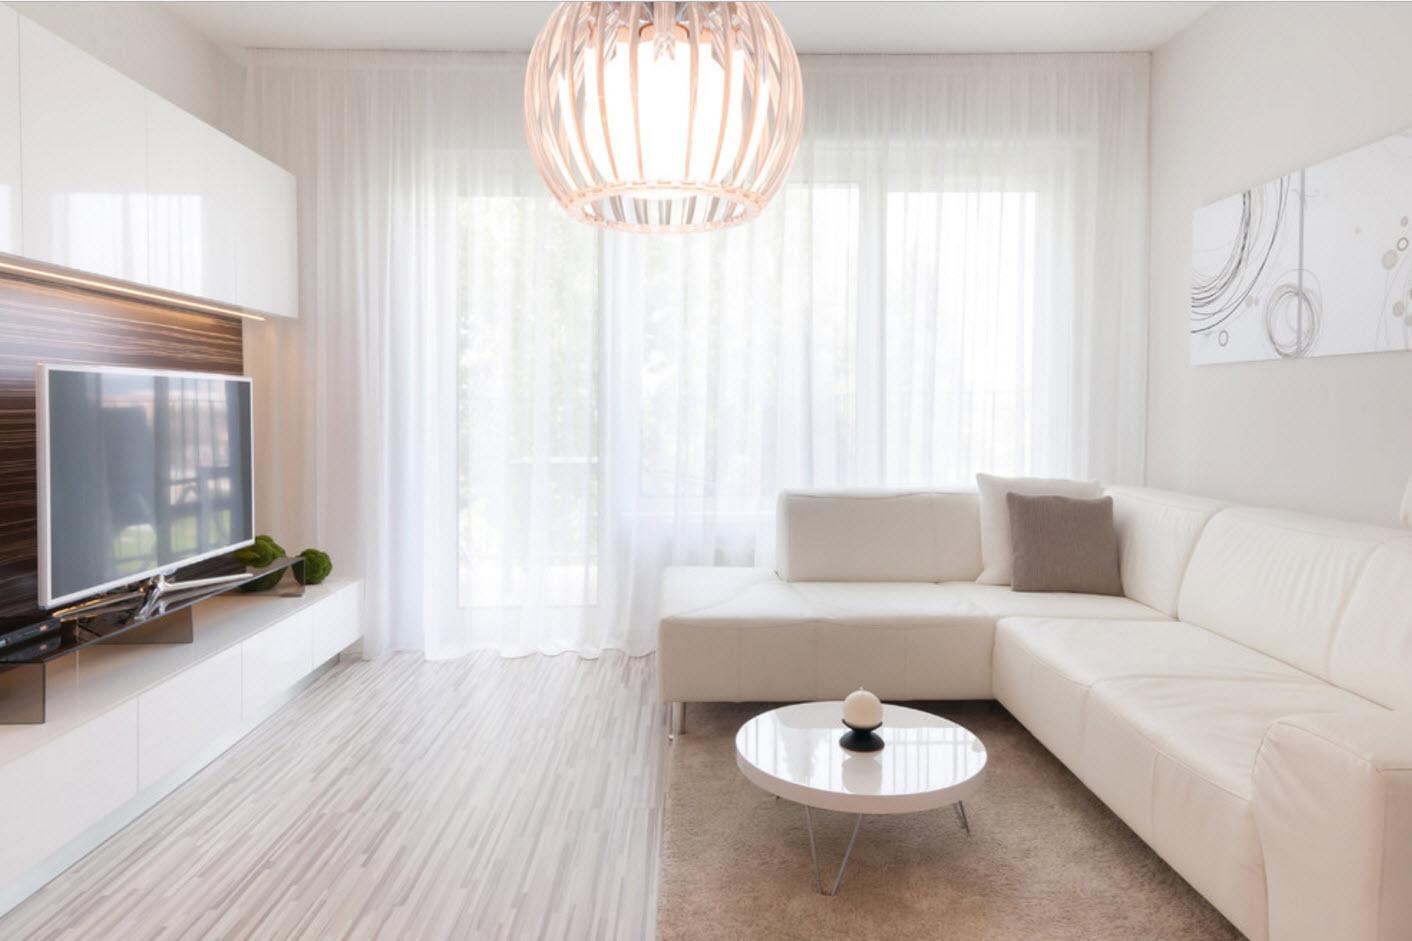 Hoe creëer je ruimte in een klein huis - lichte woonkamer decoratie